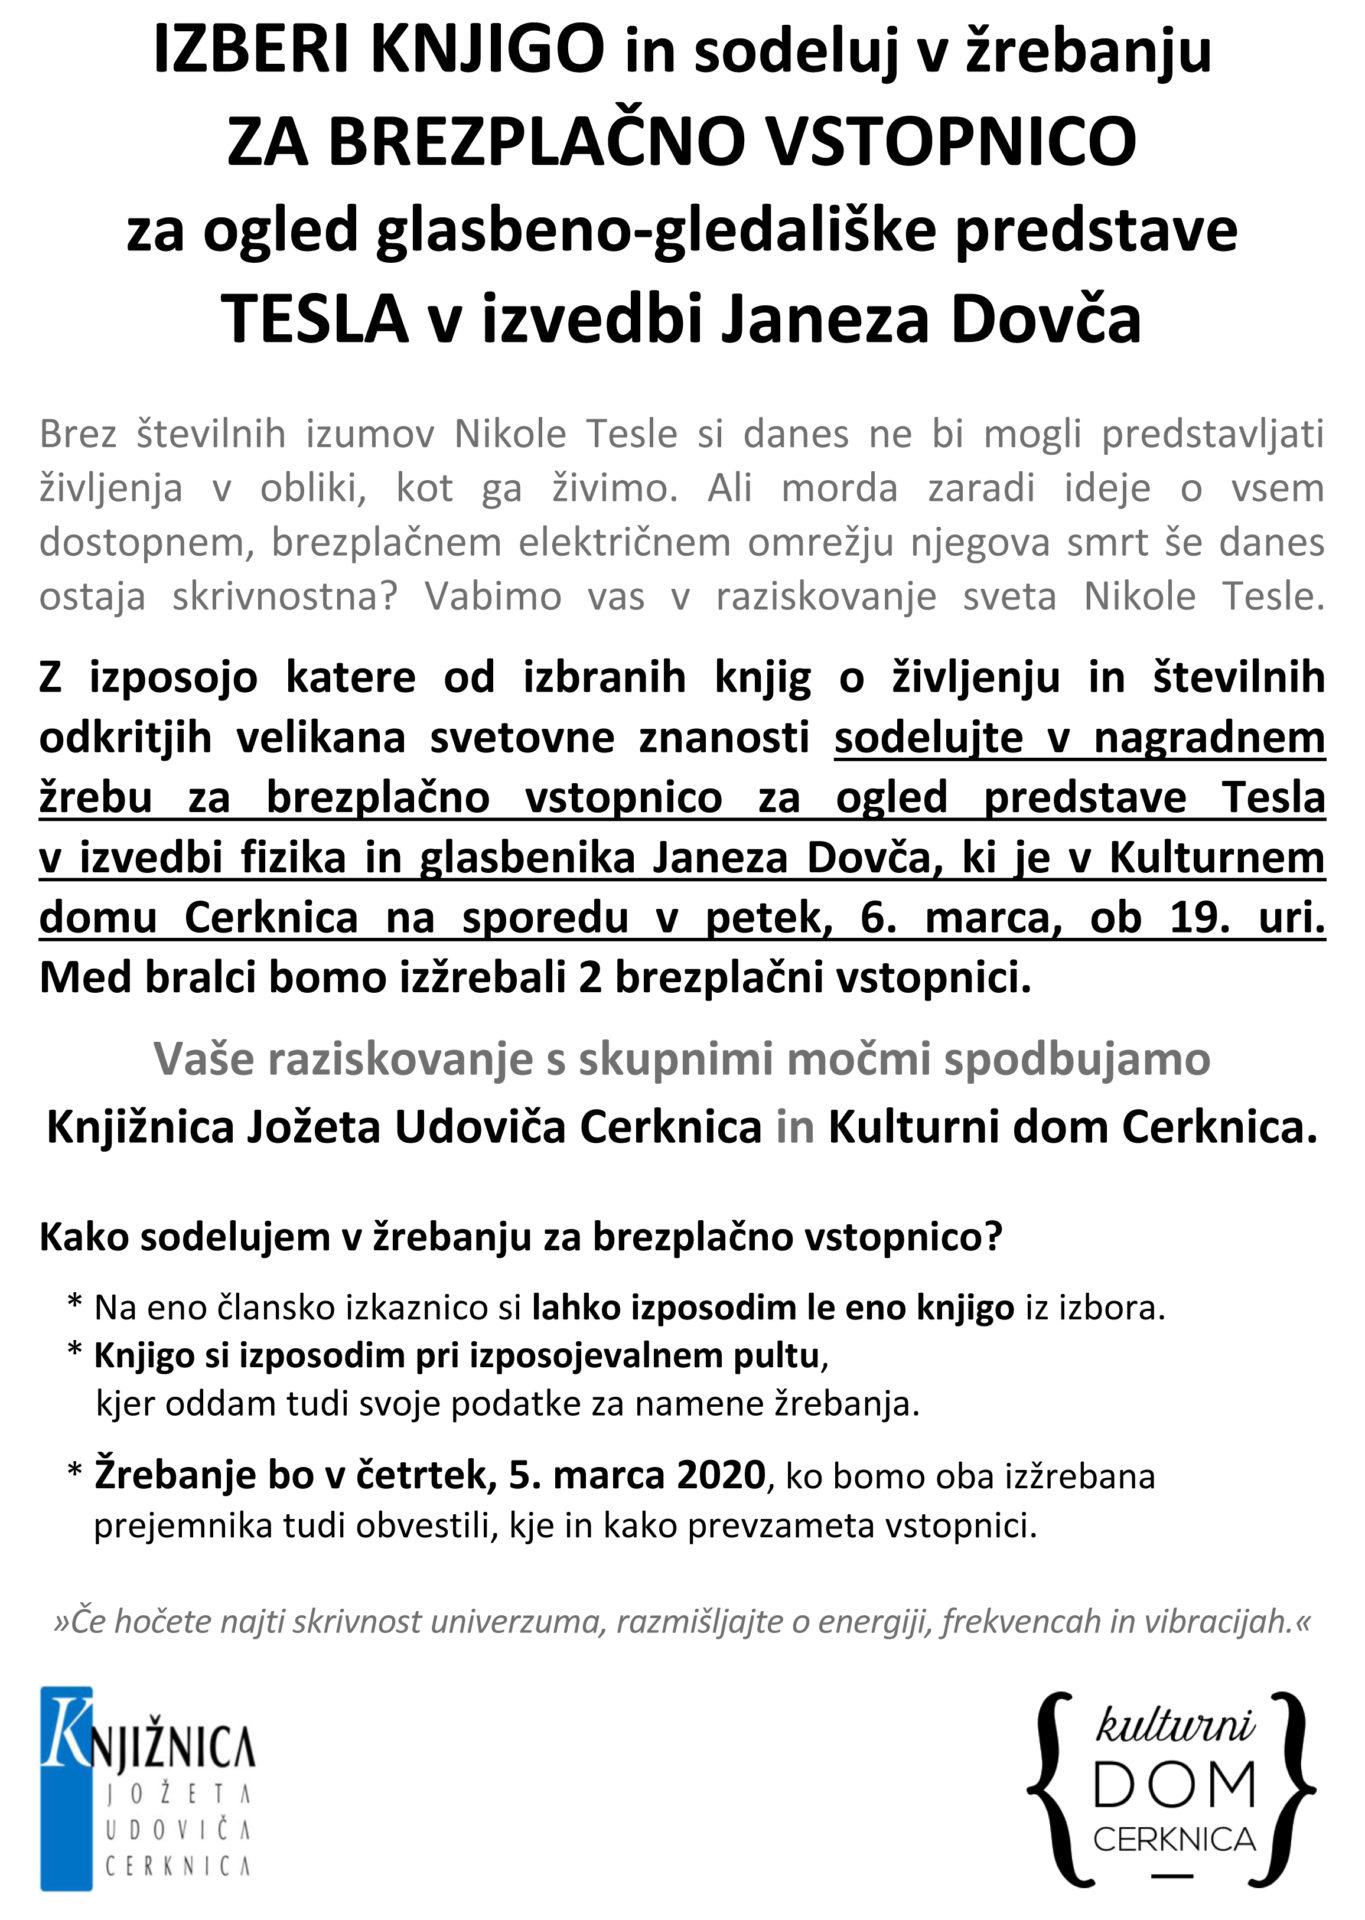 Tesla - IZBERI KNJIGO in sodeluj v žrebanju ZA BREZPLAČNO VSTOPNICO za ogled glasbeno-gledališke predstave TESLA v izvedbi Janeza Dovča